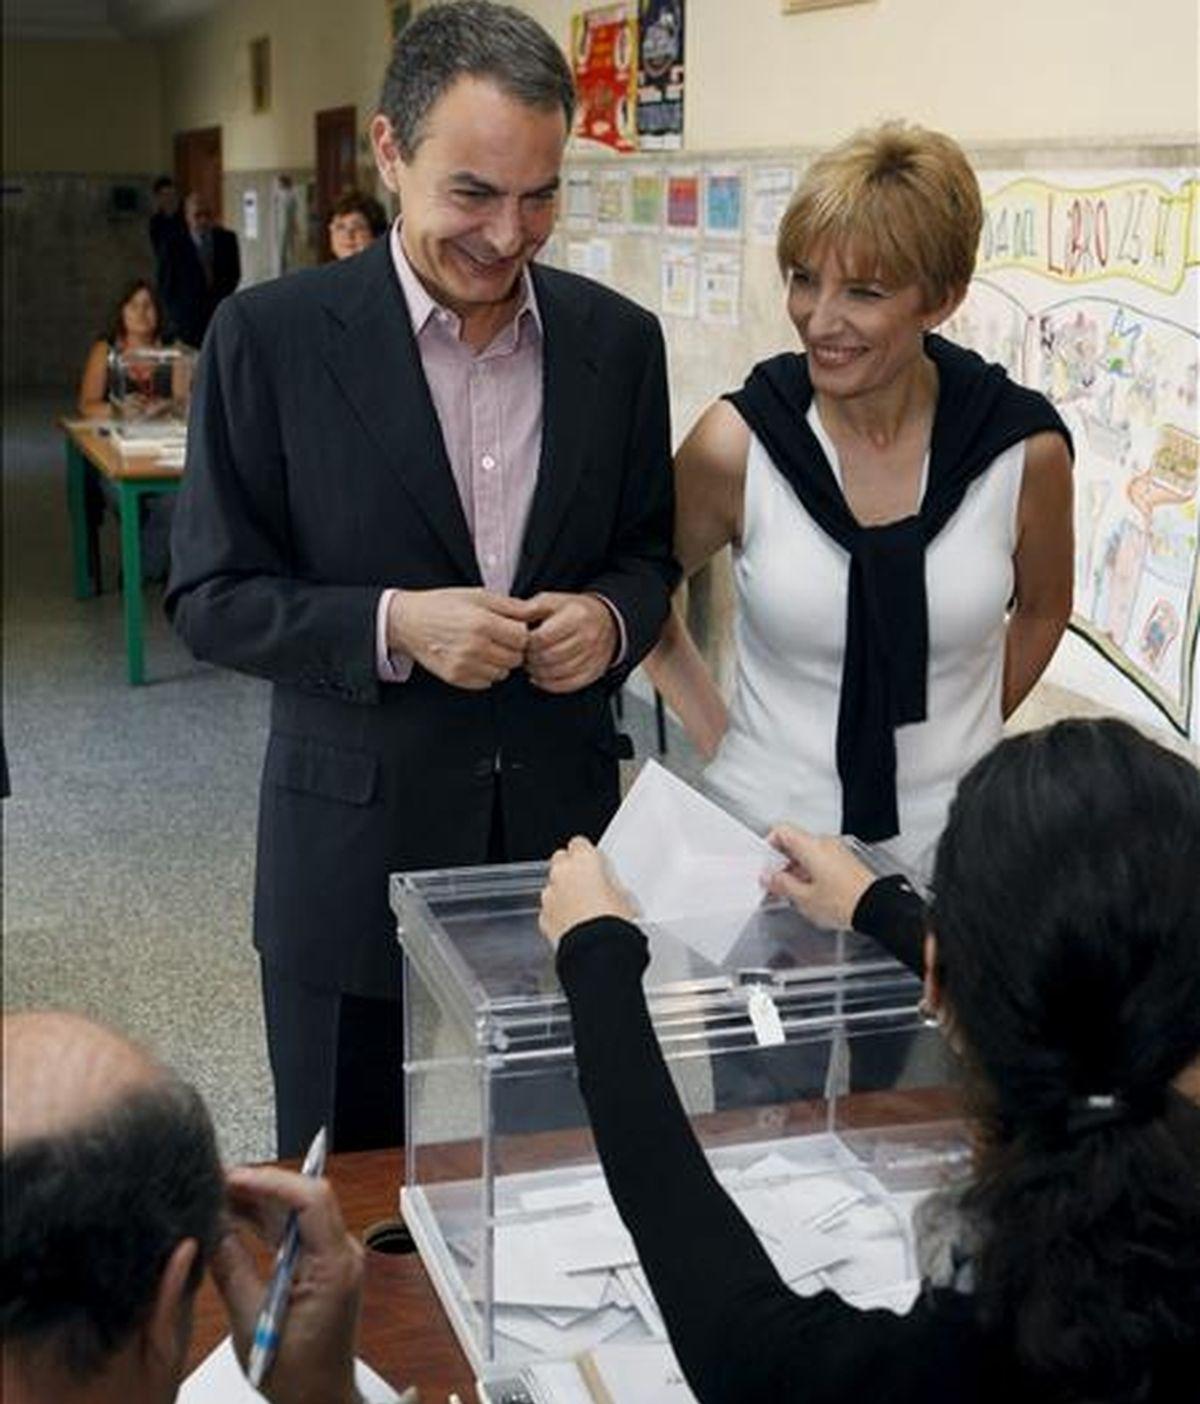 El presidente del Gobierno, José Luis Rodríguez Zapatero, acompañado de su esposa, Sonsoles Espinosa, durante su votación para las elecciones al Parlamento Europeo, hoy en el colegio Nuestra Señora del Buen Consejo de Madrid. EFE